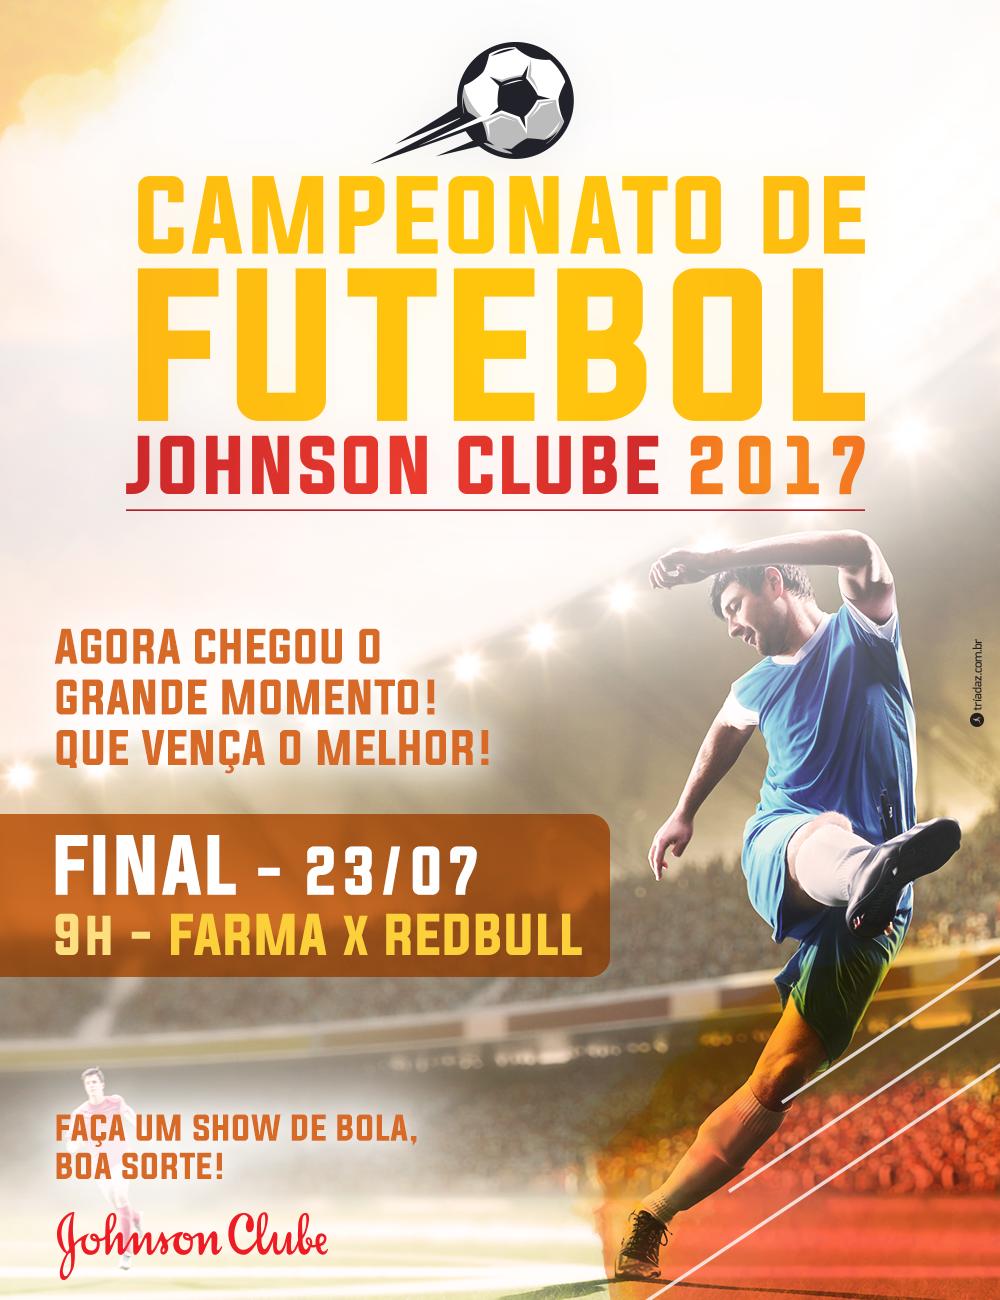 RUFEM OS TAMBORES: CHEGOU A GRANDE FINAL DO CAMPEONATO DE FUTEBOL 2017 DO JOHNSON CLUBE!